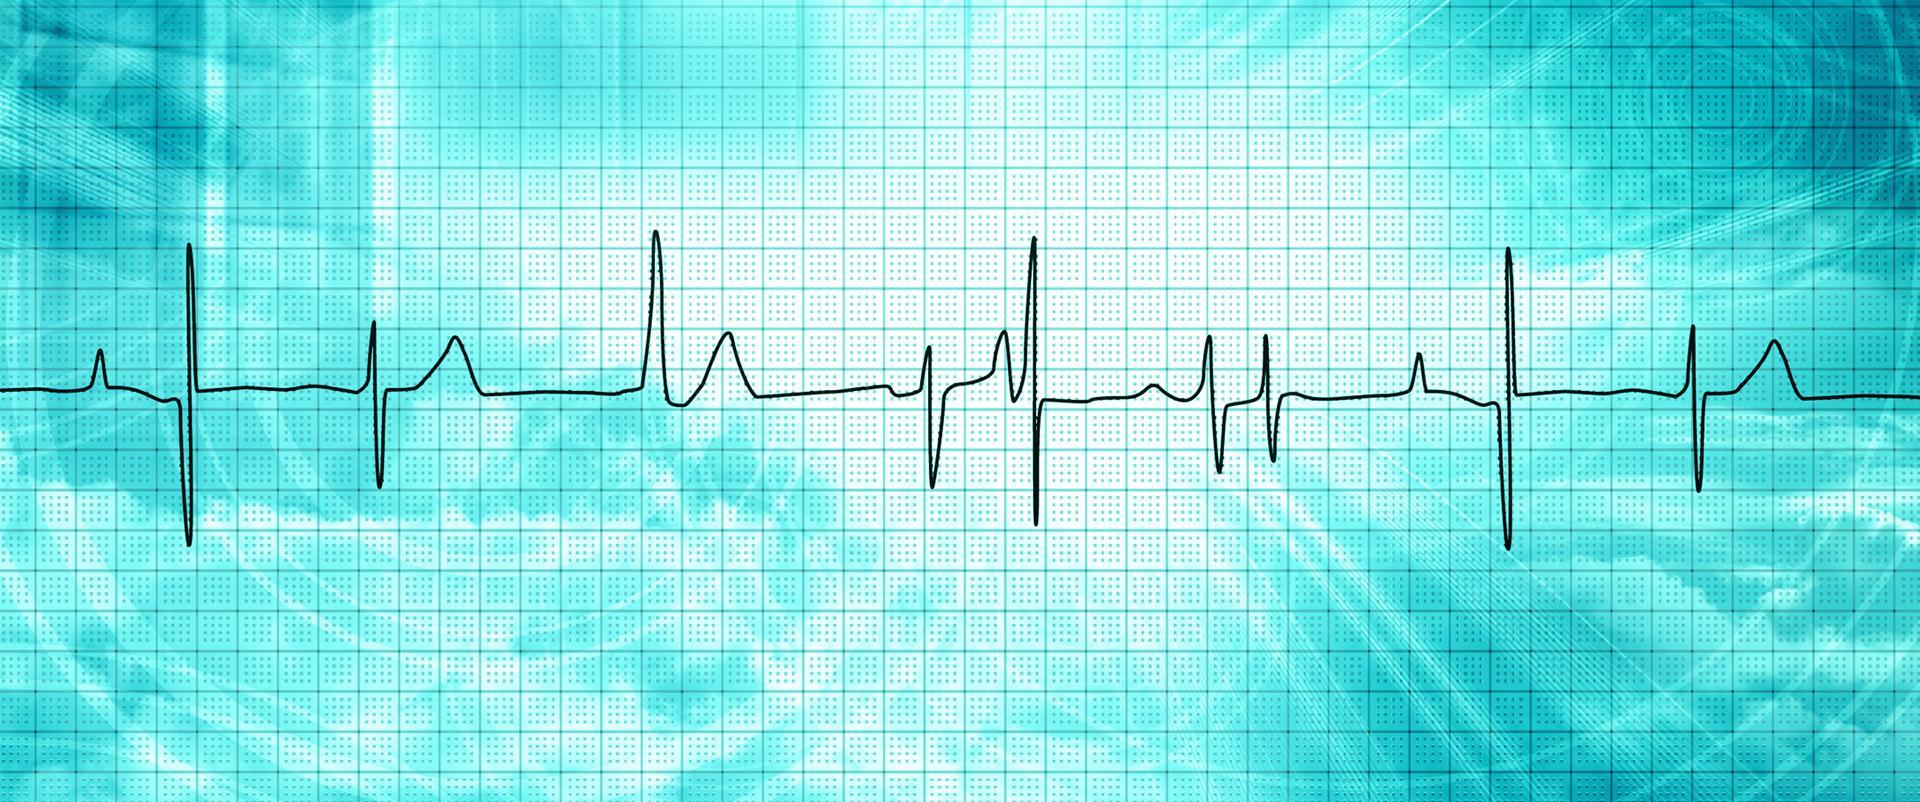 Grafische Darstellung einer Herzschlag-Kurve